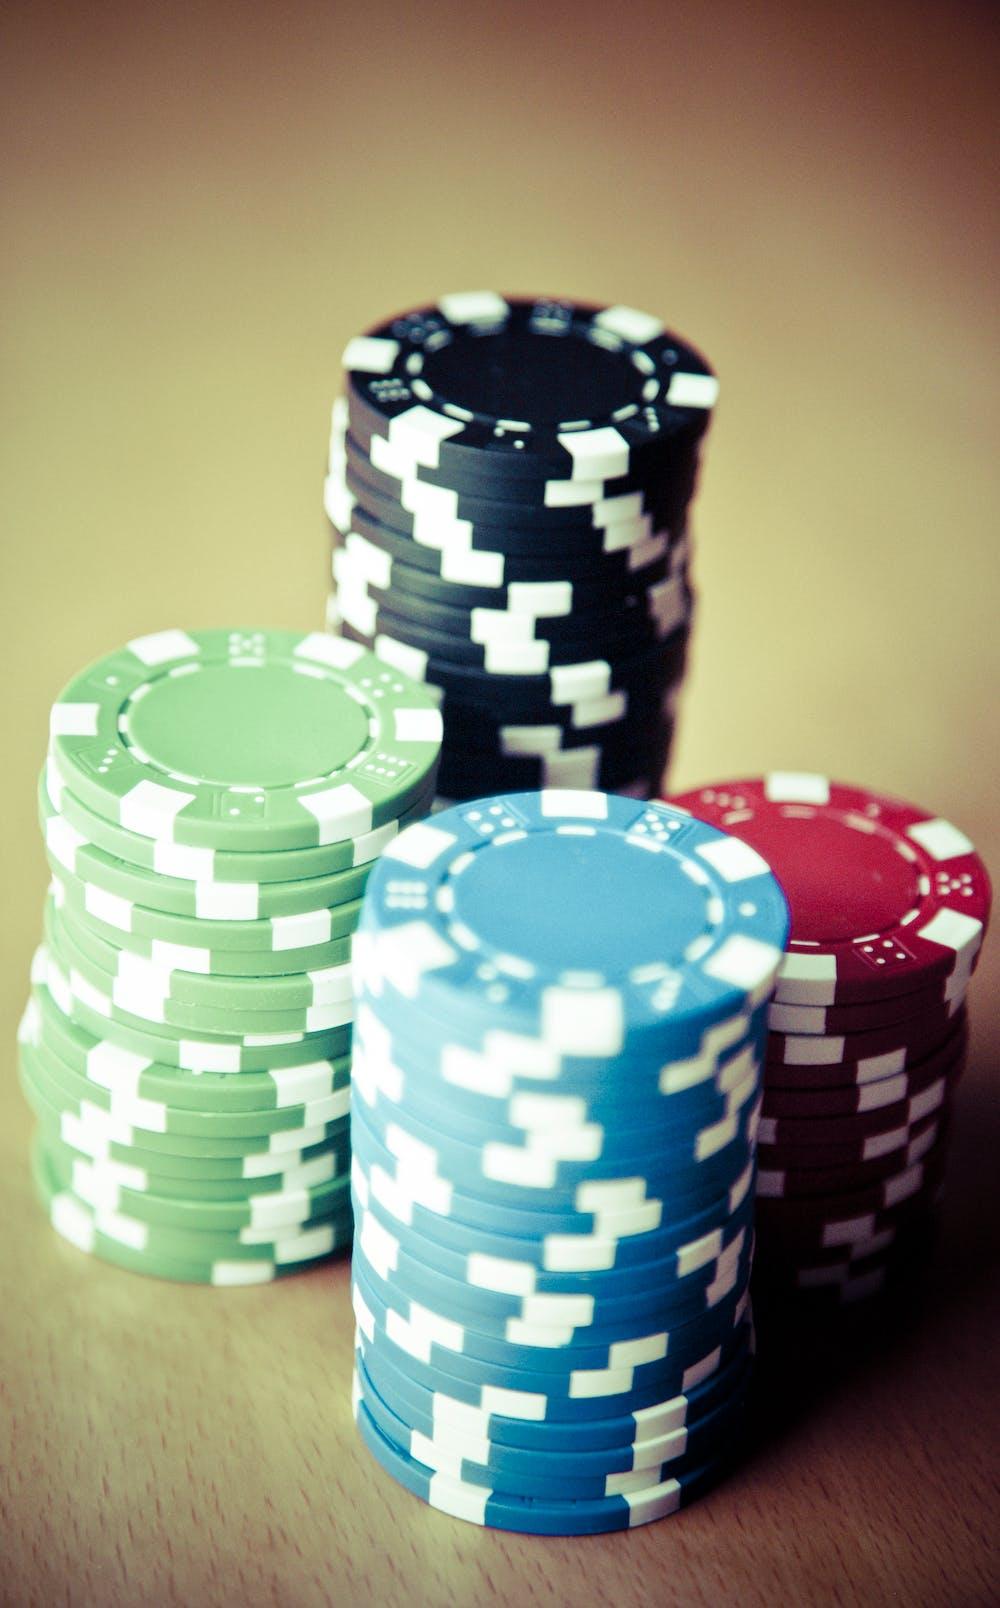 """Inzetten plaatsen bij roulette doe je met kleurige """"chips"""" of fiches, die per kleur een verschillende waarde hebben"""